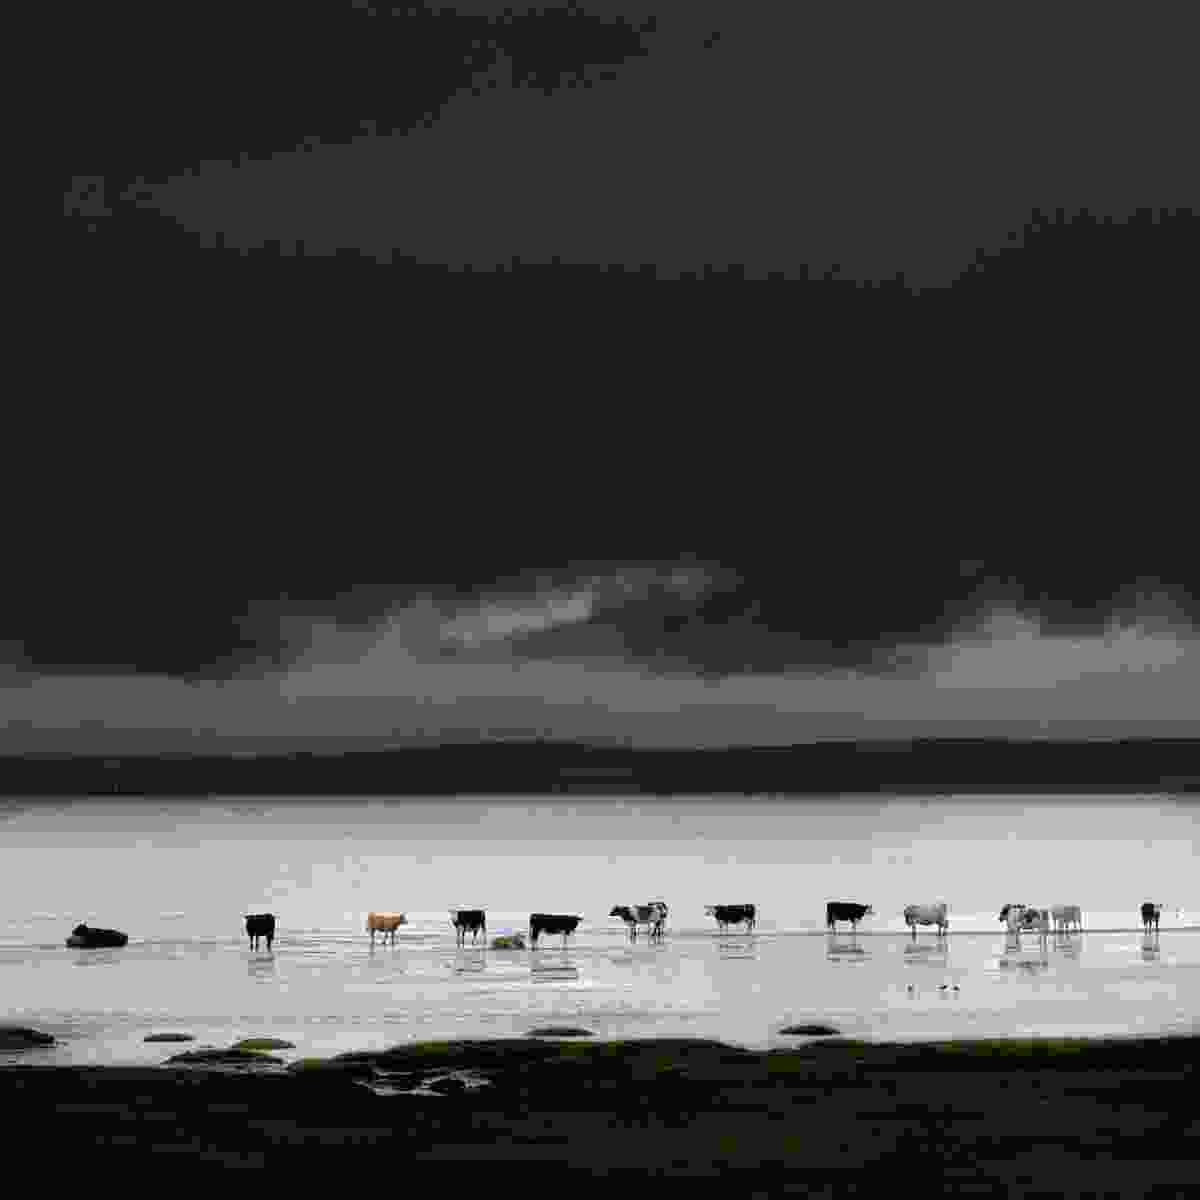 Loch Indaal, Scotland (Charlie Waite)